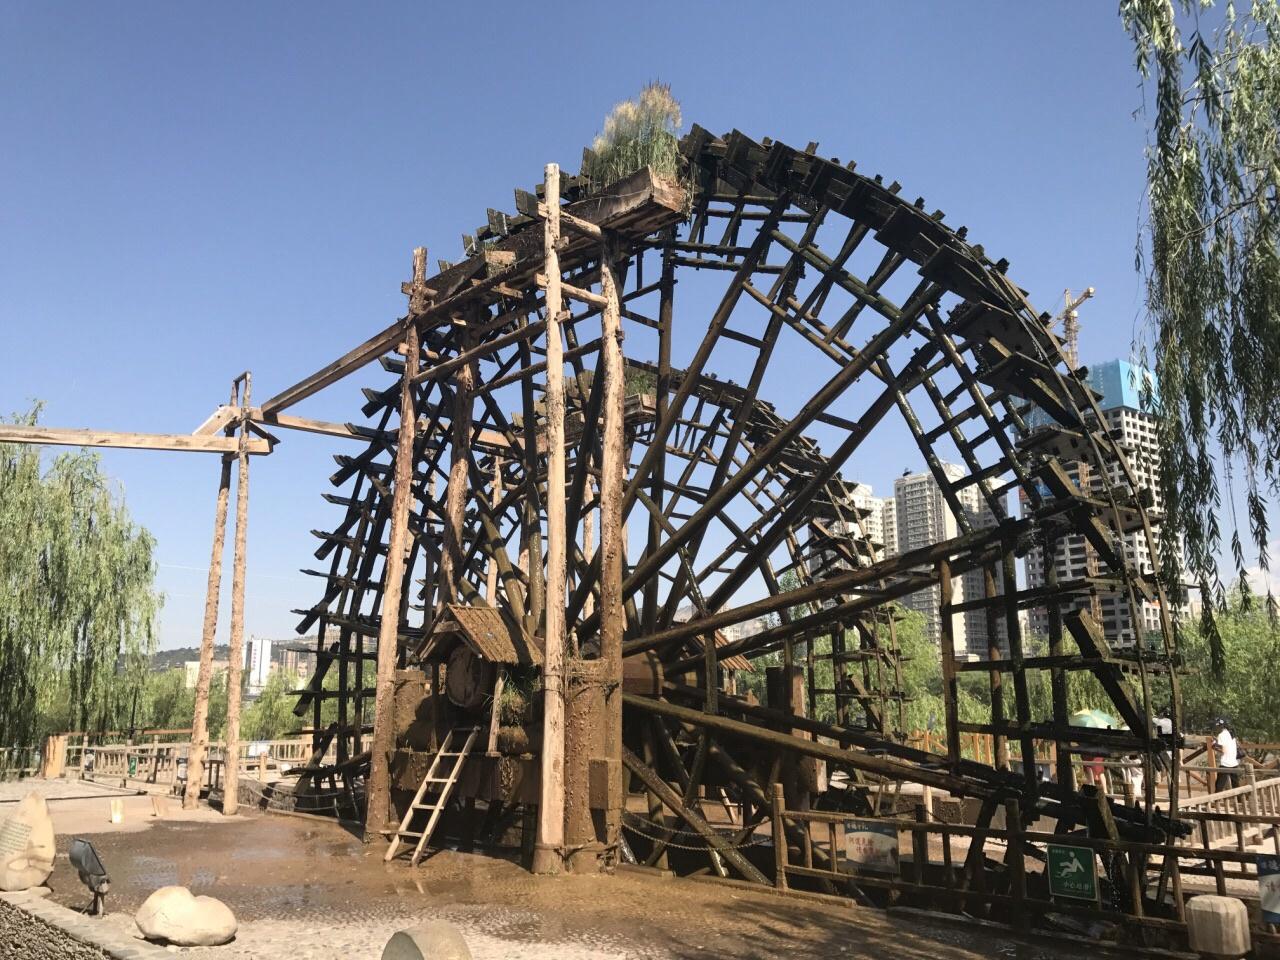 甘肃省 兰州市 水车博览园